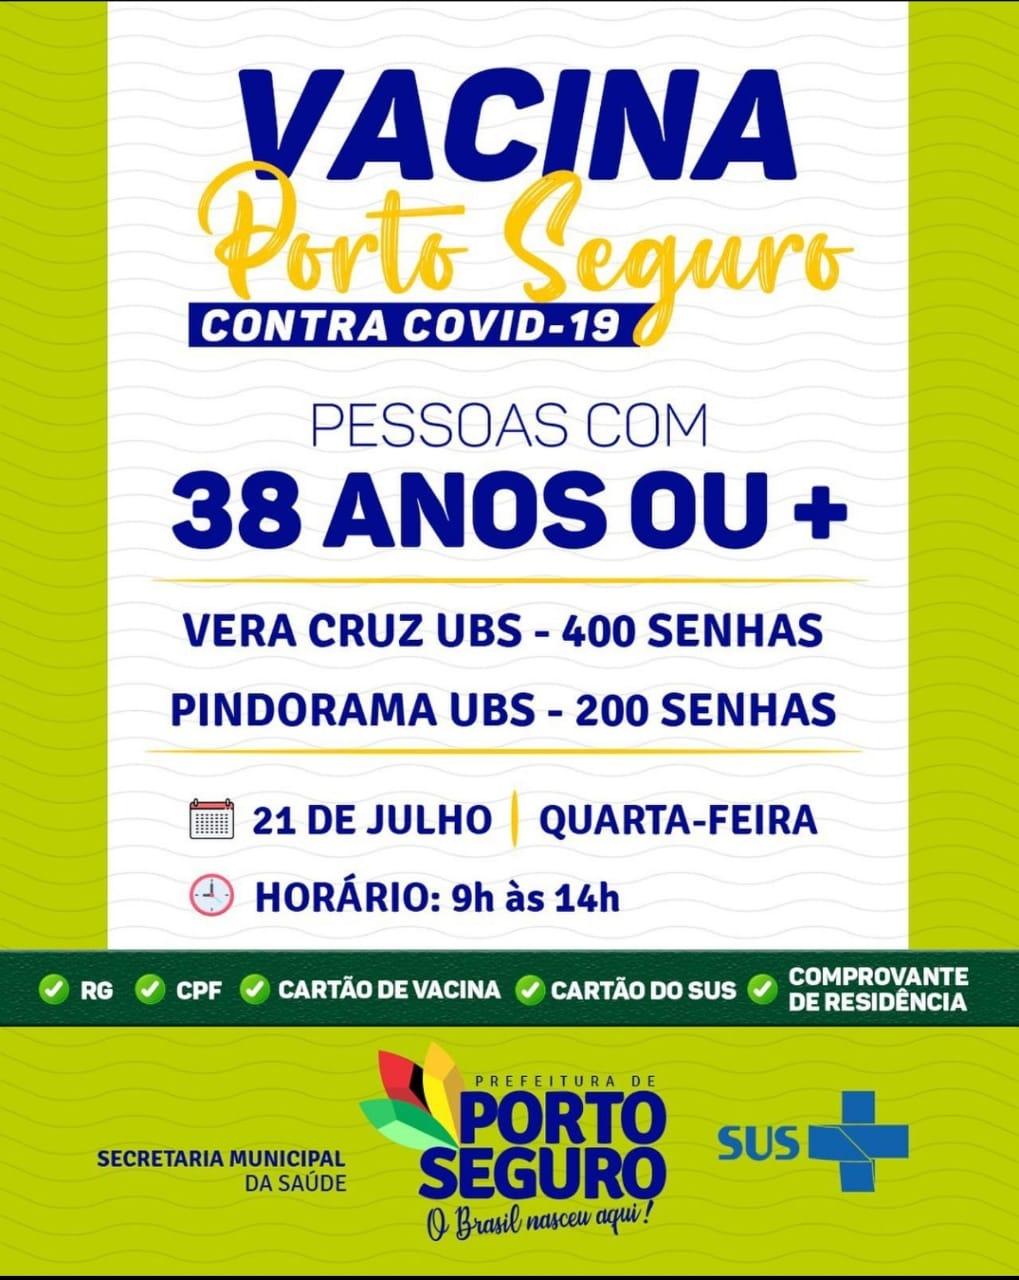 Vacina Porto Seguro contra Covid-19; cronograma de vacinação de 21 a 22 de julho 22